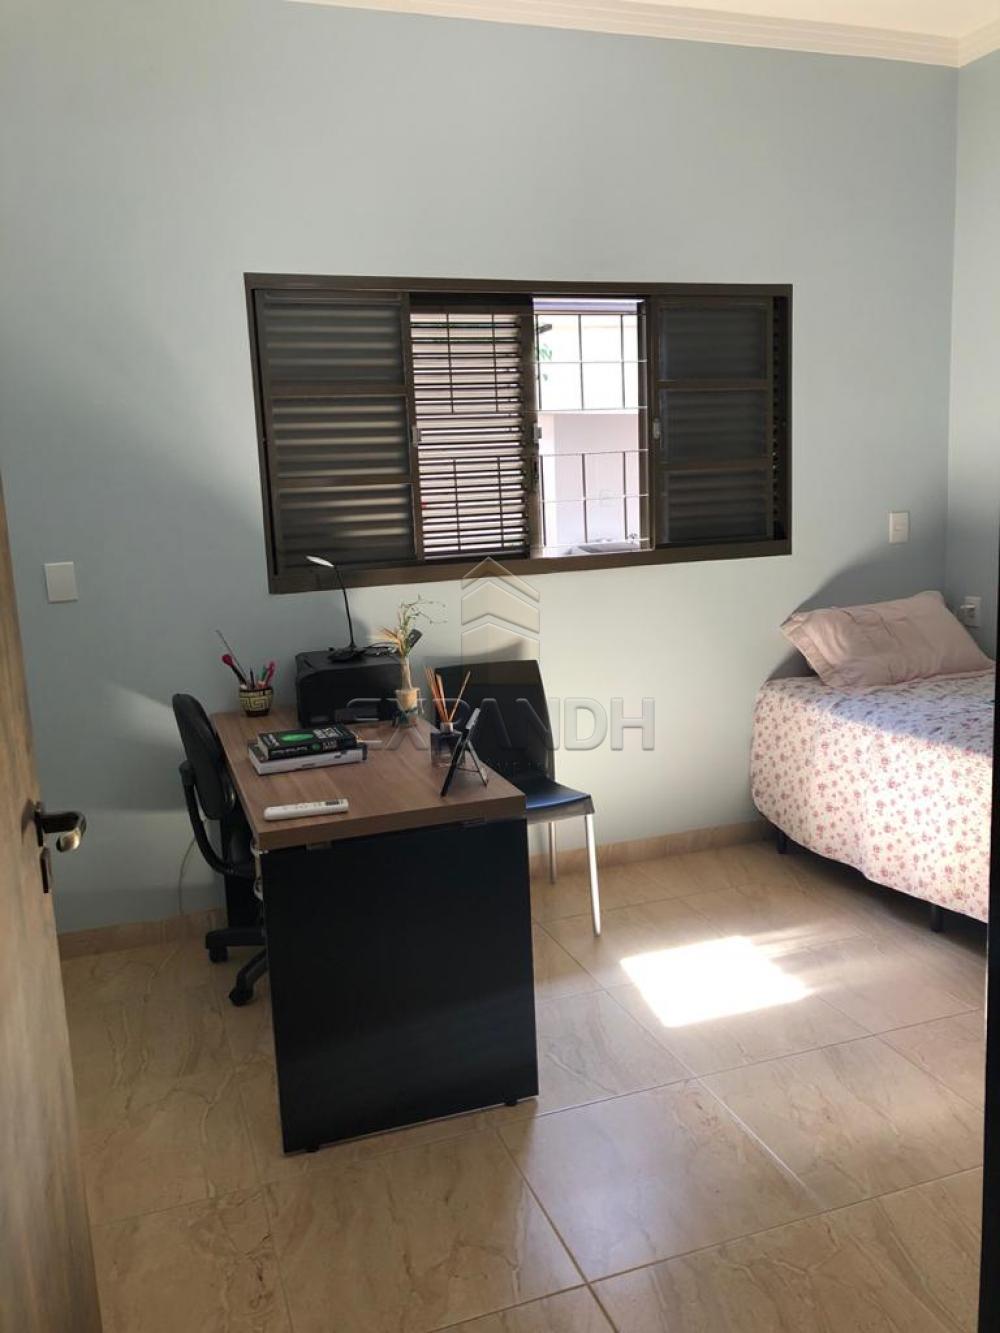 Comprar Casas / Padrão em Sertãozinho R$ 380.000,00 - Foto 14